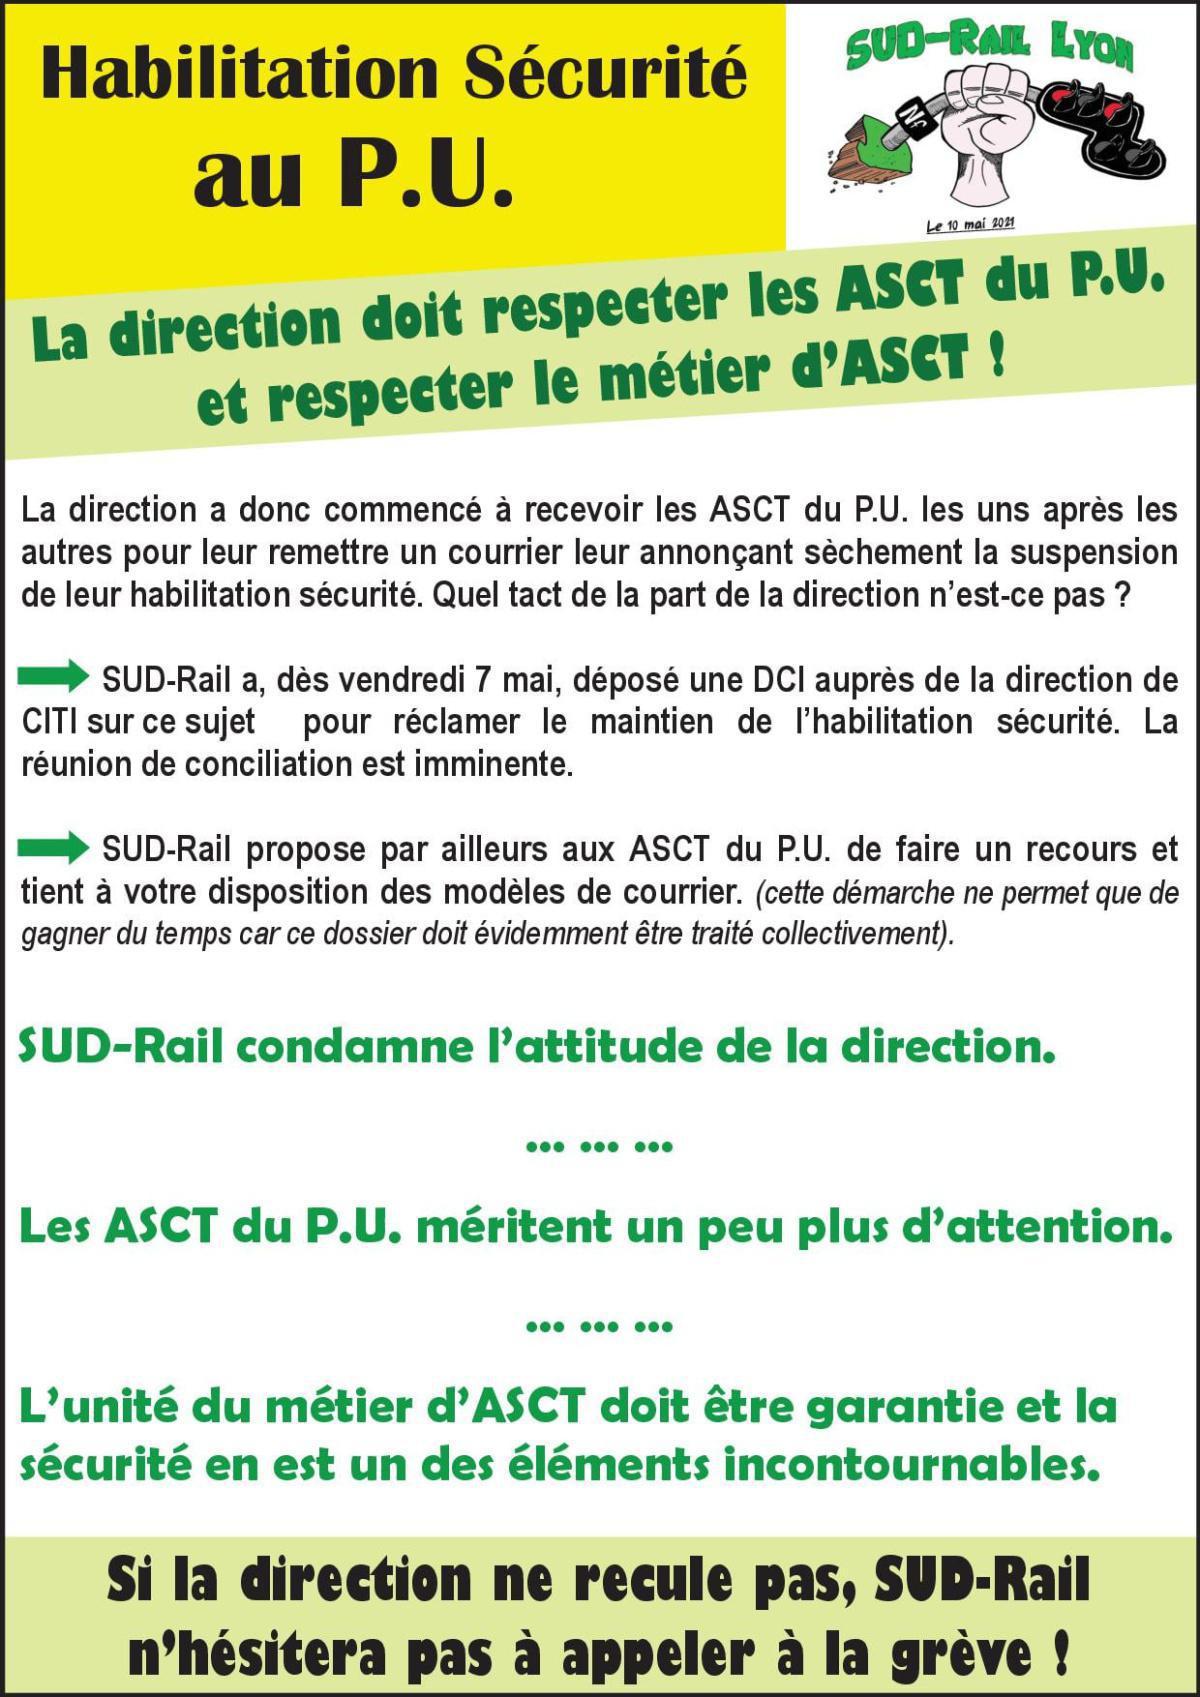 La direction doit respecter les ASCT du P.U et respecter le métier d'ASCT !